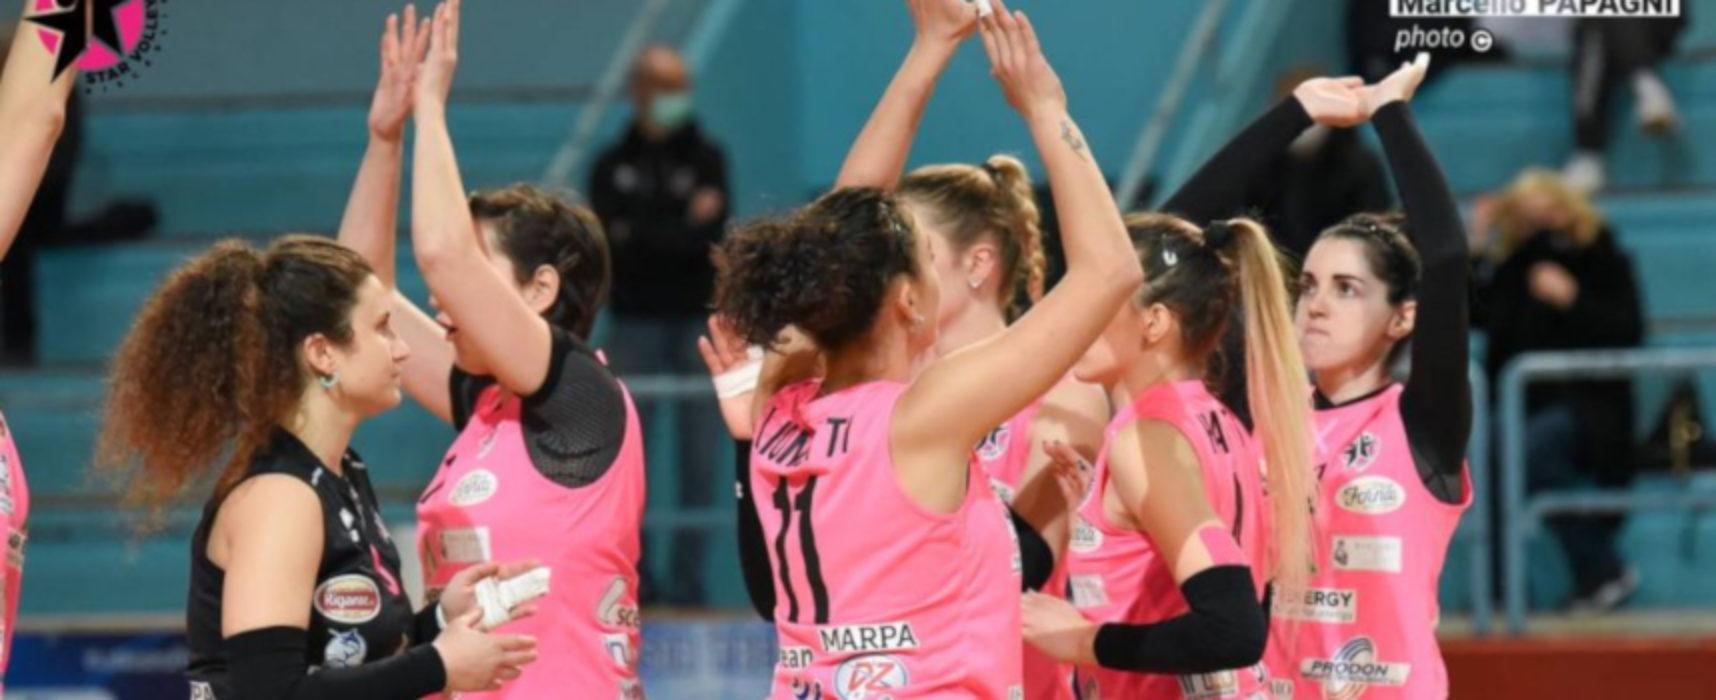 Star Volley impegnata a Foggia nel turno infrasettimanale